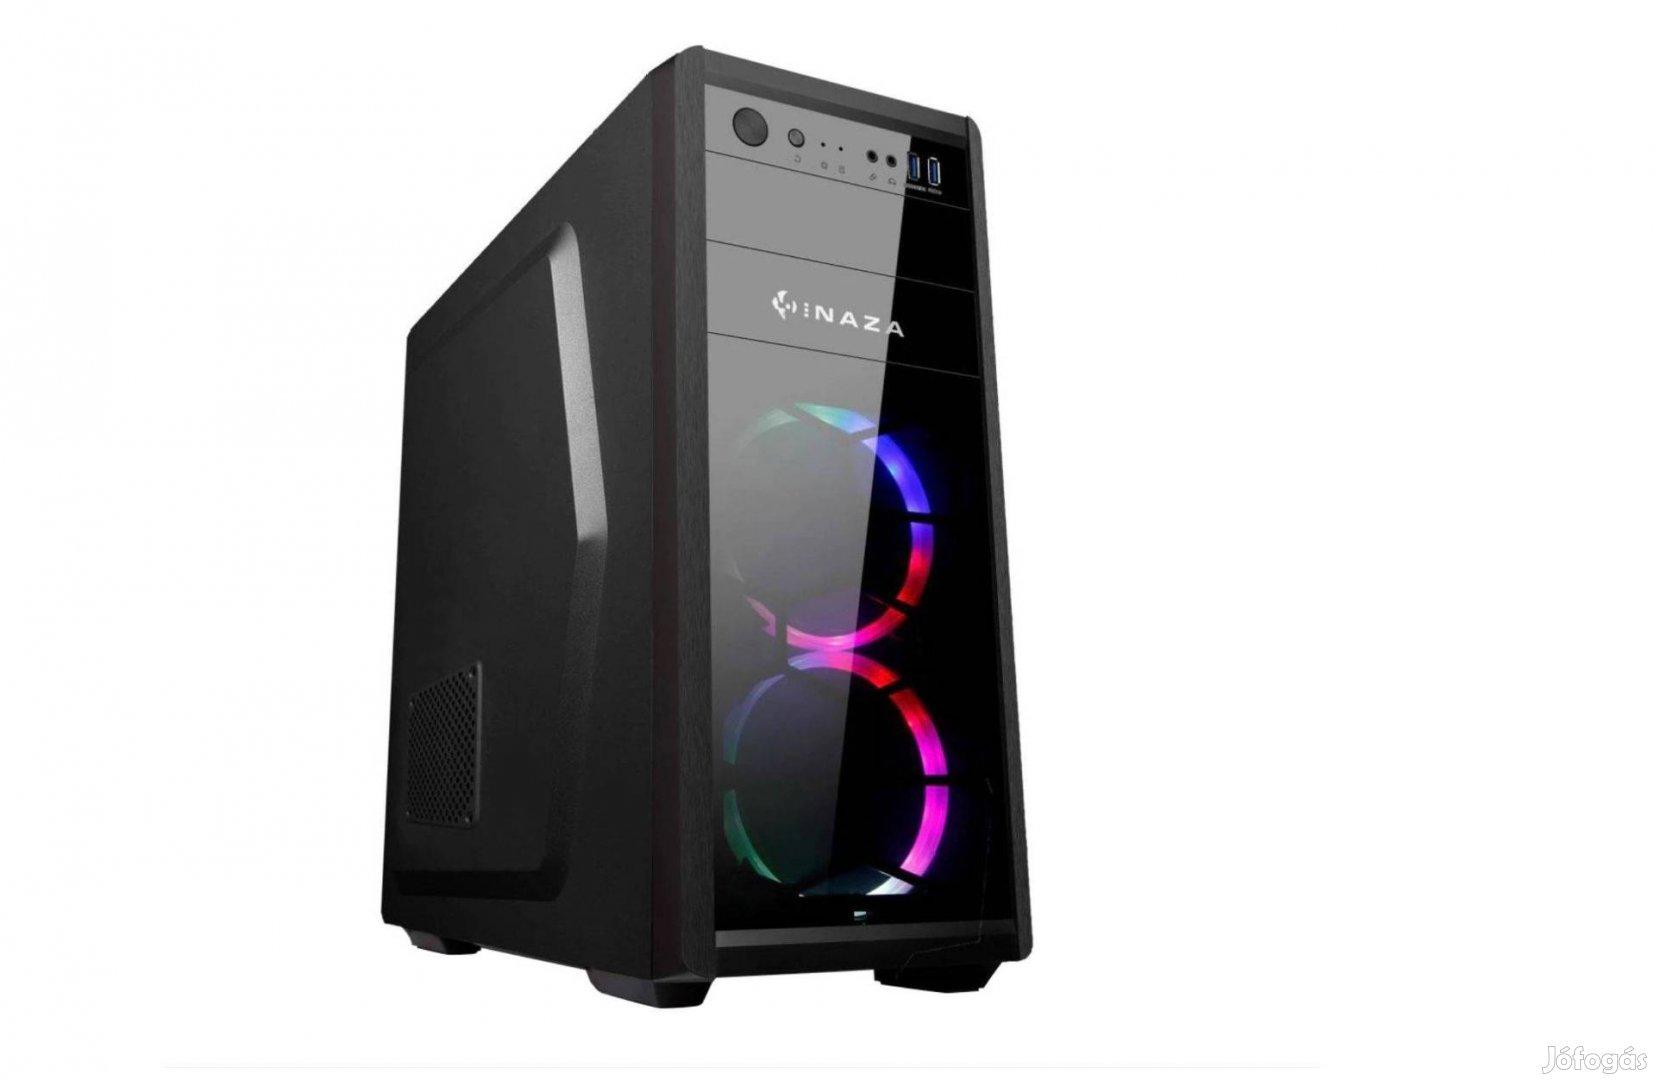 WIN 11 Gtx 1060 6GB 512 SSD Intel 10105F 16GB Számítógép 8x3.9GHz/500